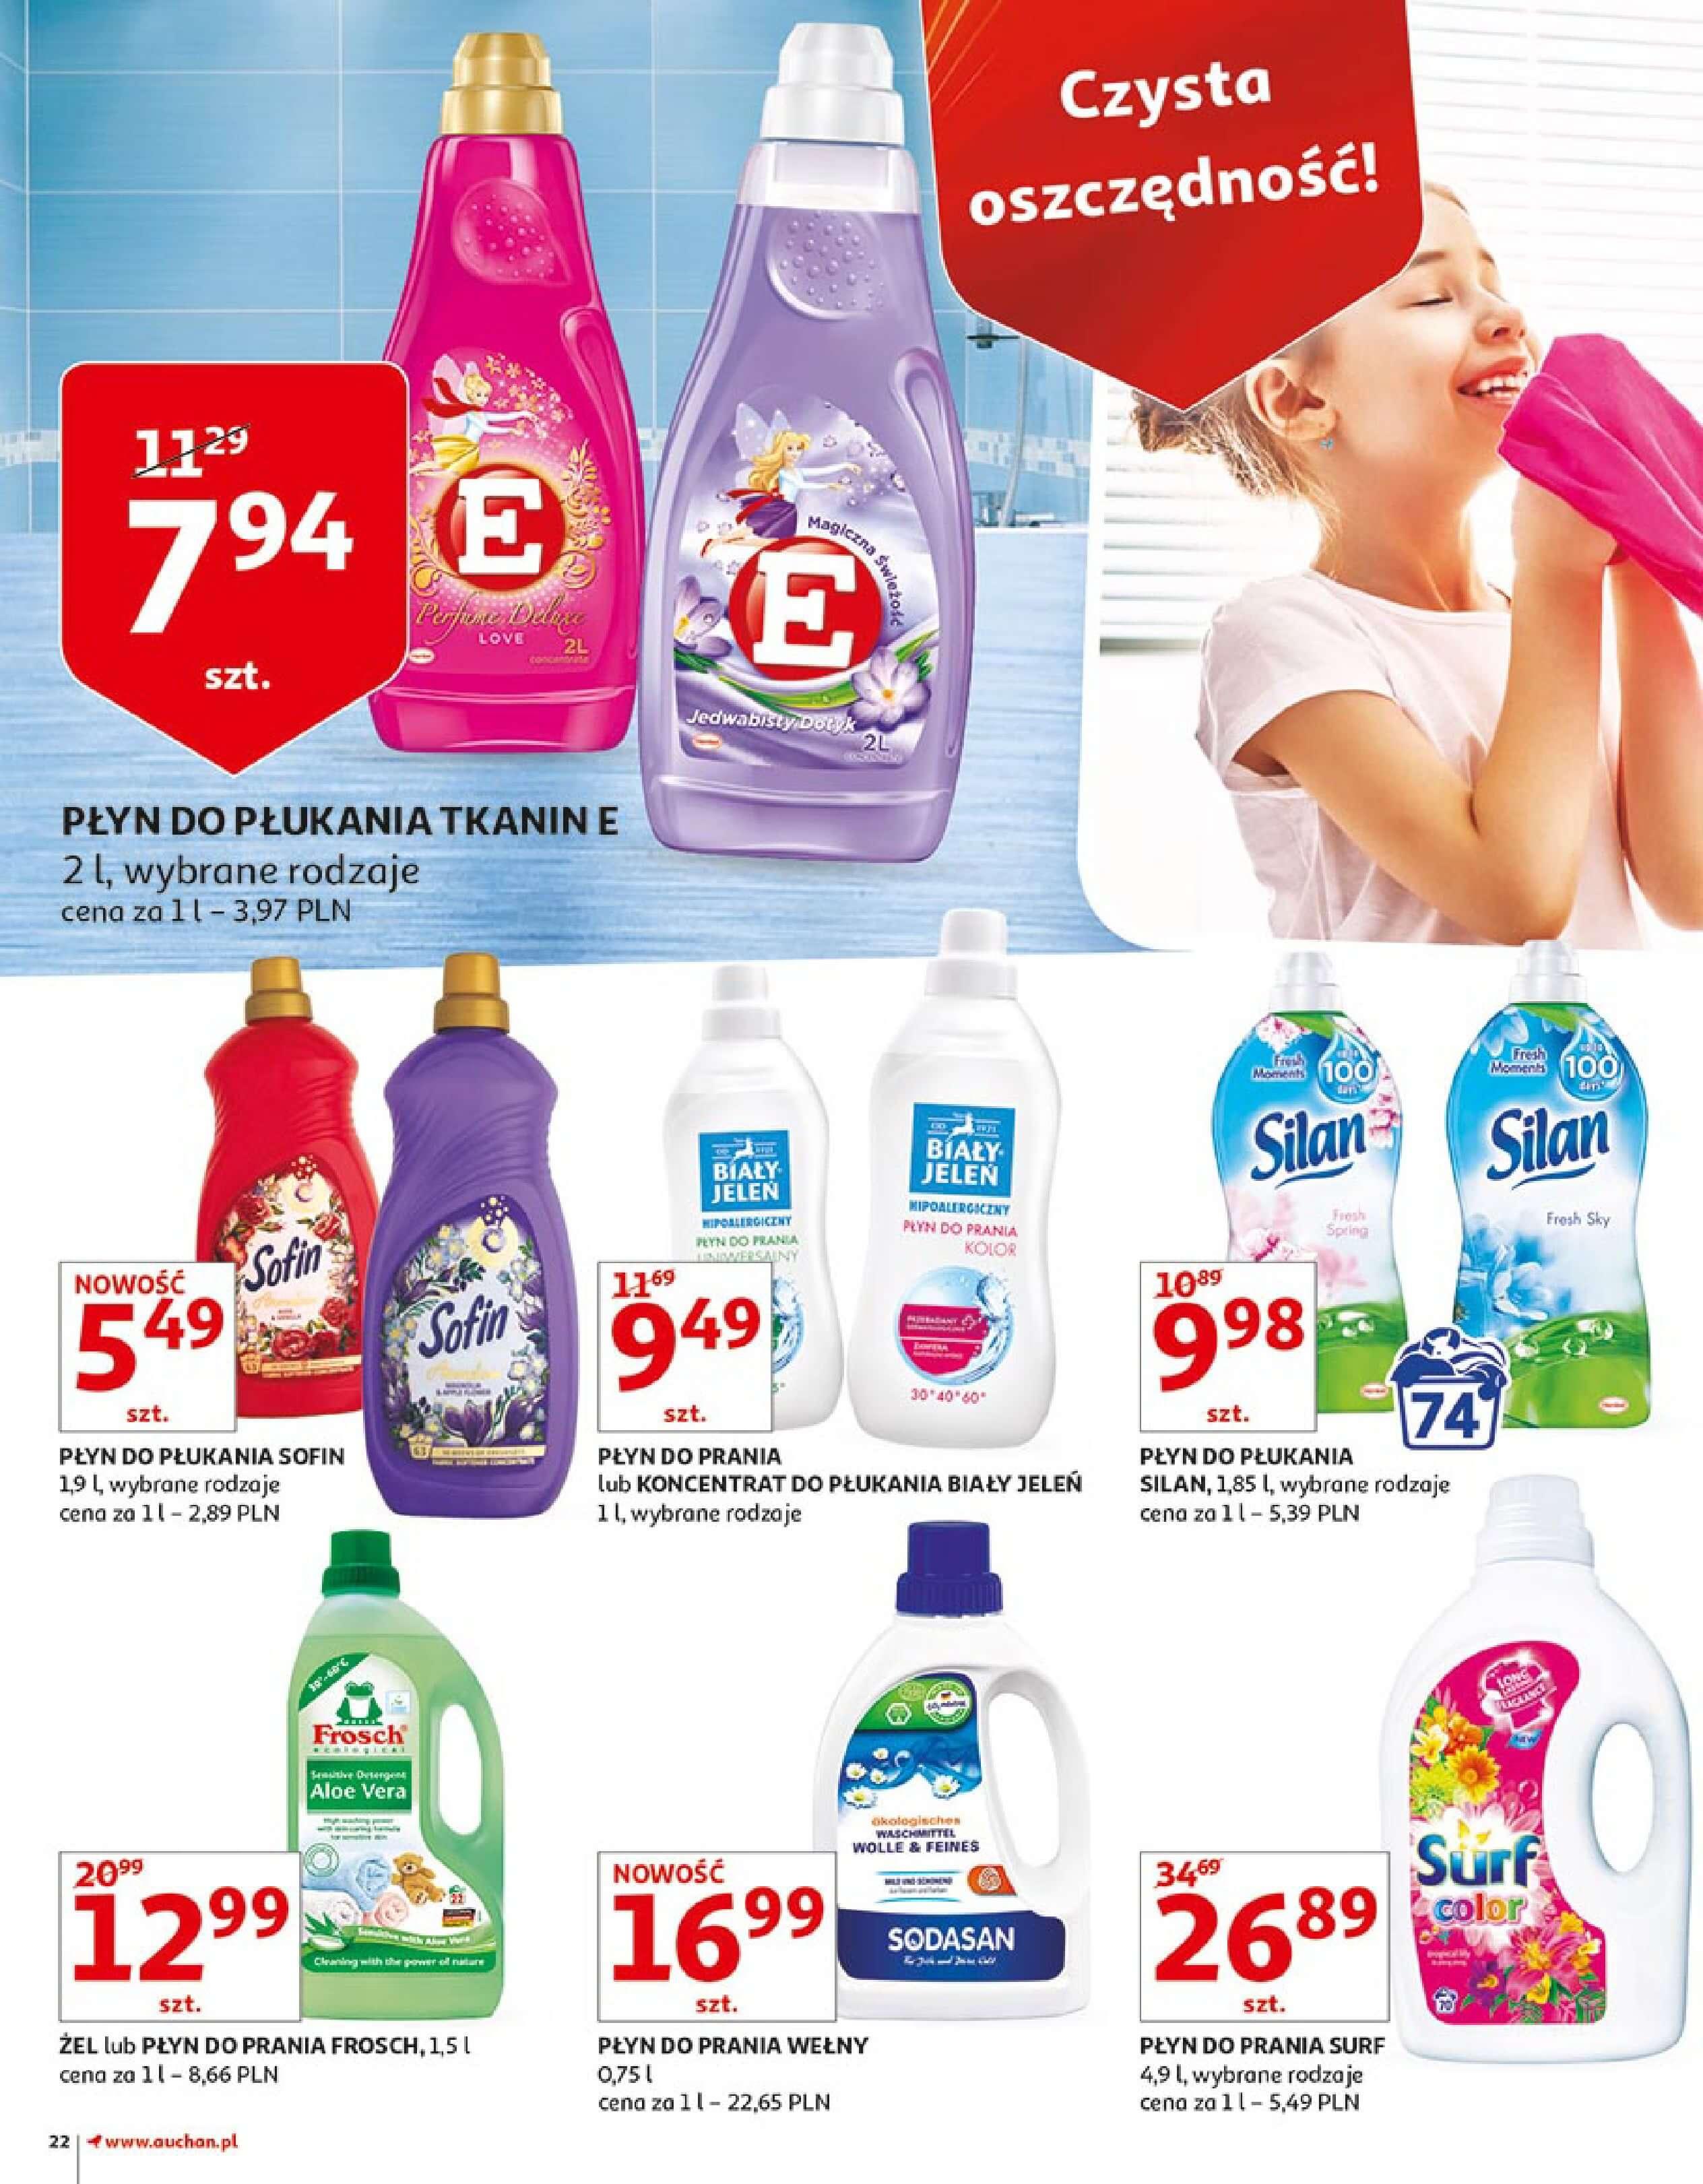 Gazetka Auchan - Zbijamy ceny zawodowo!-14.02.2018-22.02.2018-page-22